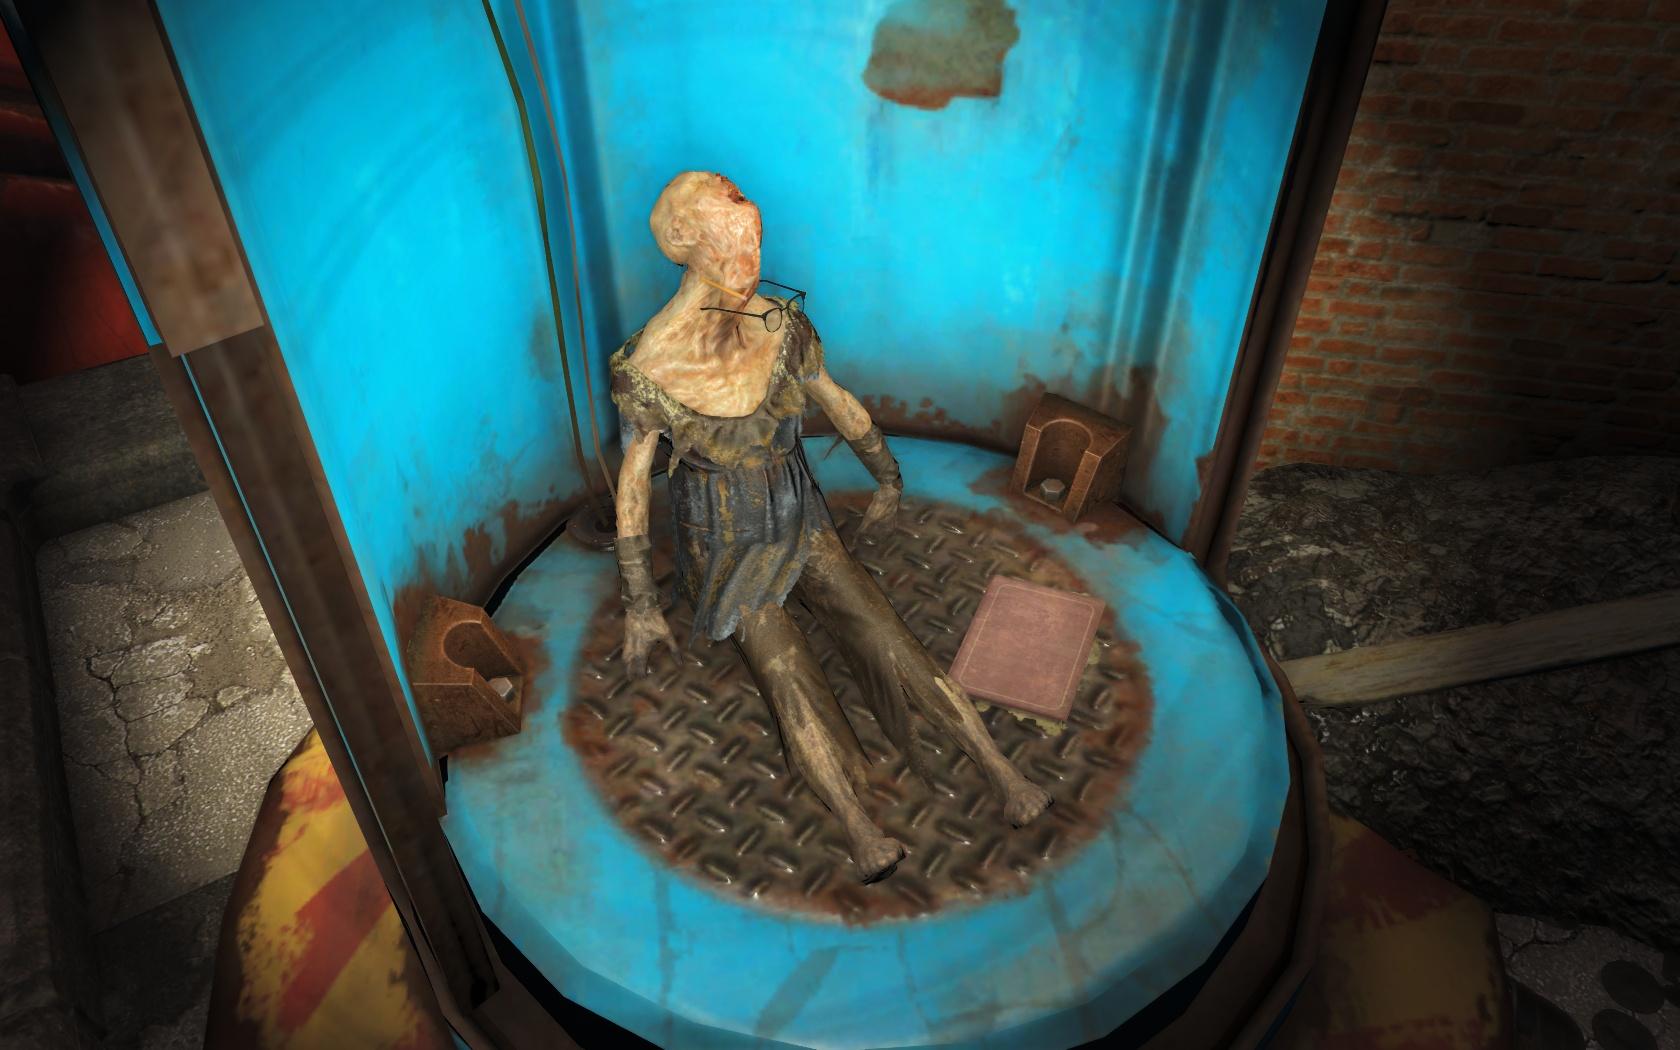 Начитанная мадам (около Политехнической школы Центрального Бостона) - Fallout 4 Бостон, Гуль, Политехническая школа Центрального Бостона, Центральный Бостон, школа